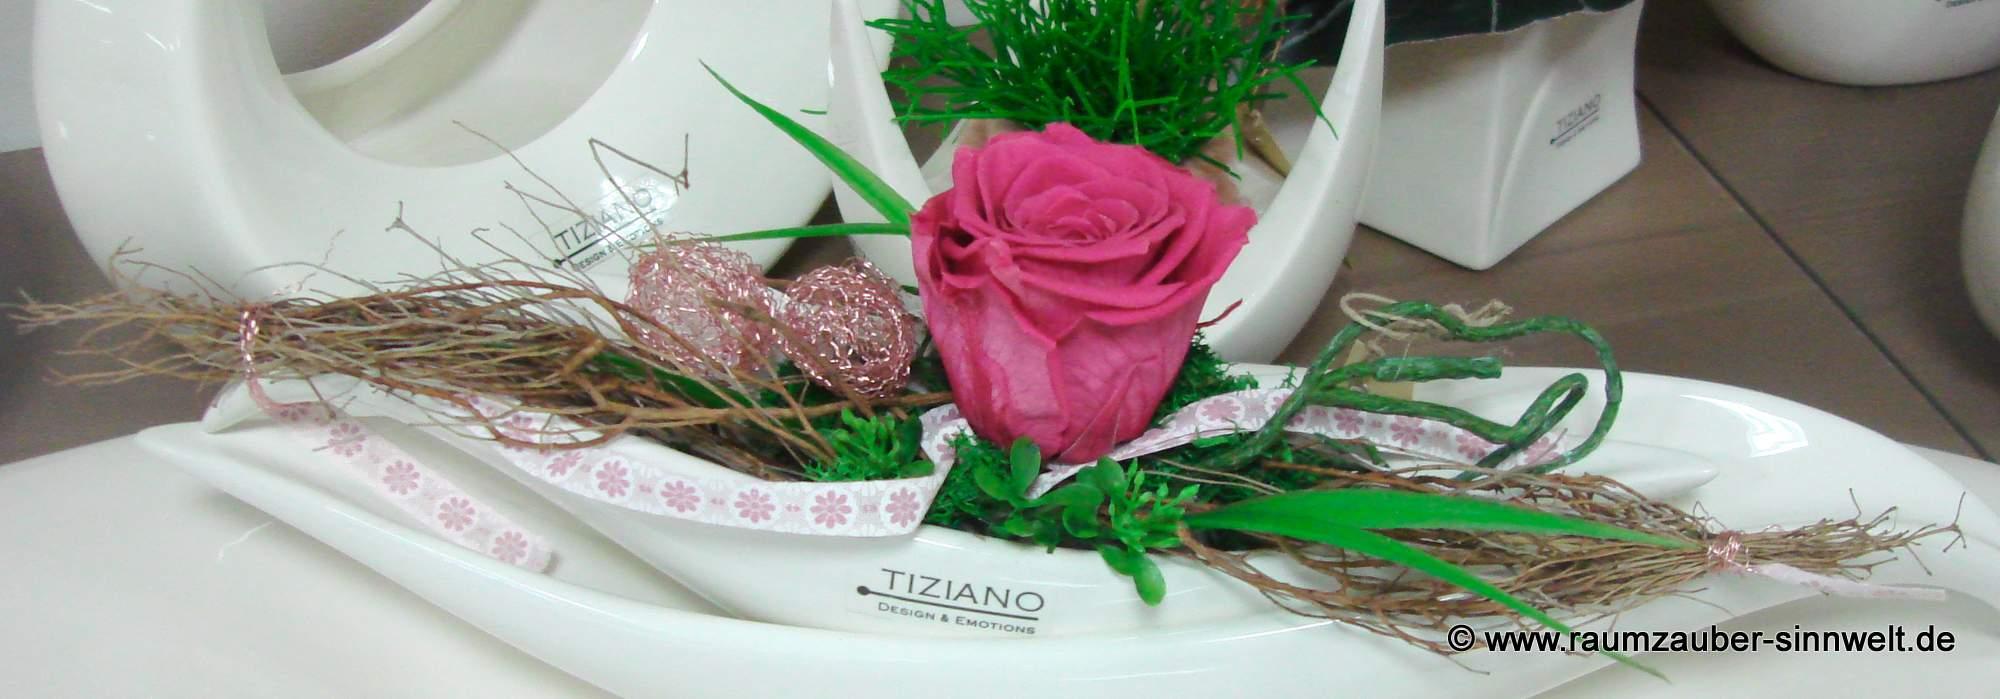 Gefriergetrocknete Rosen - beinahe für die Eweigkeit